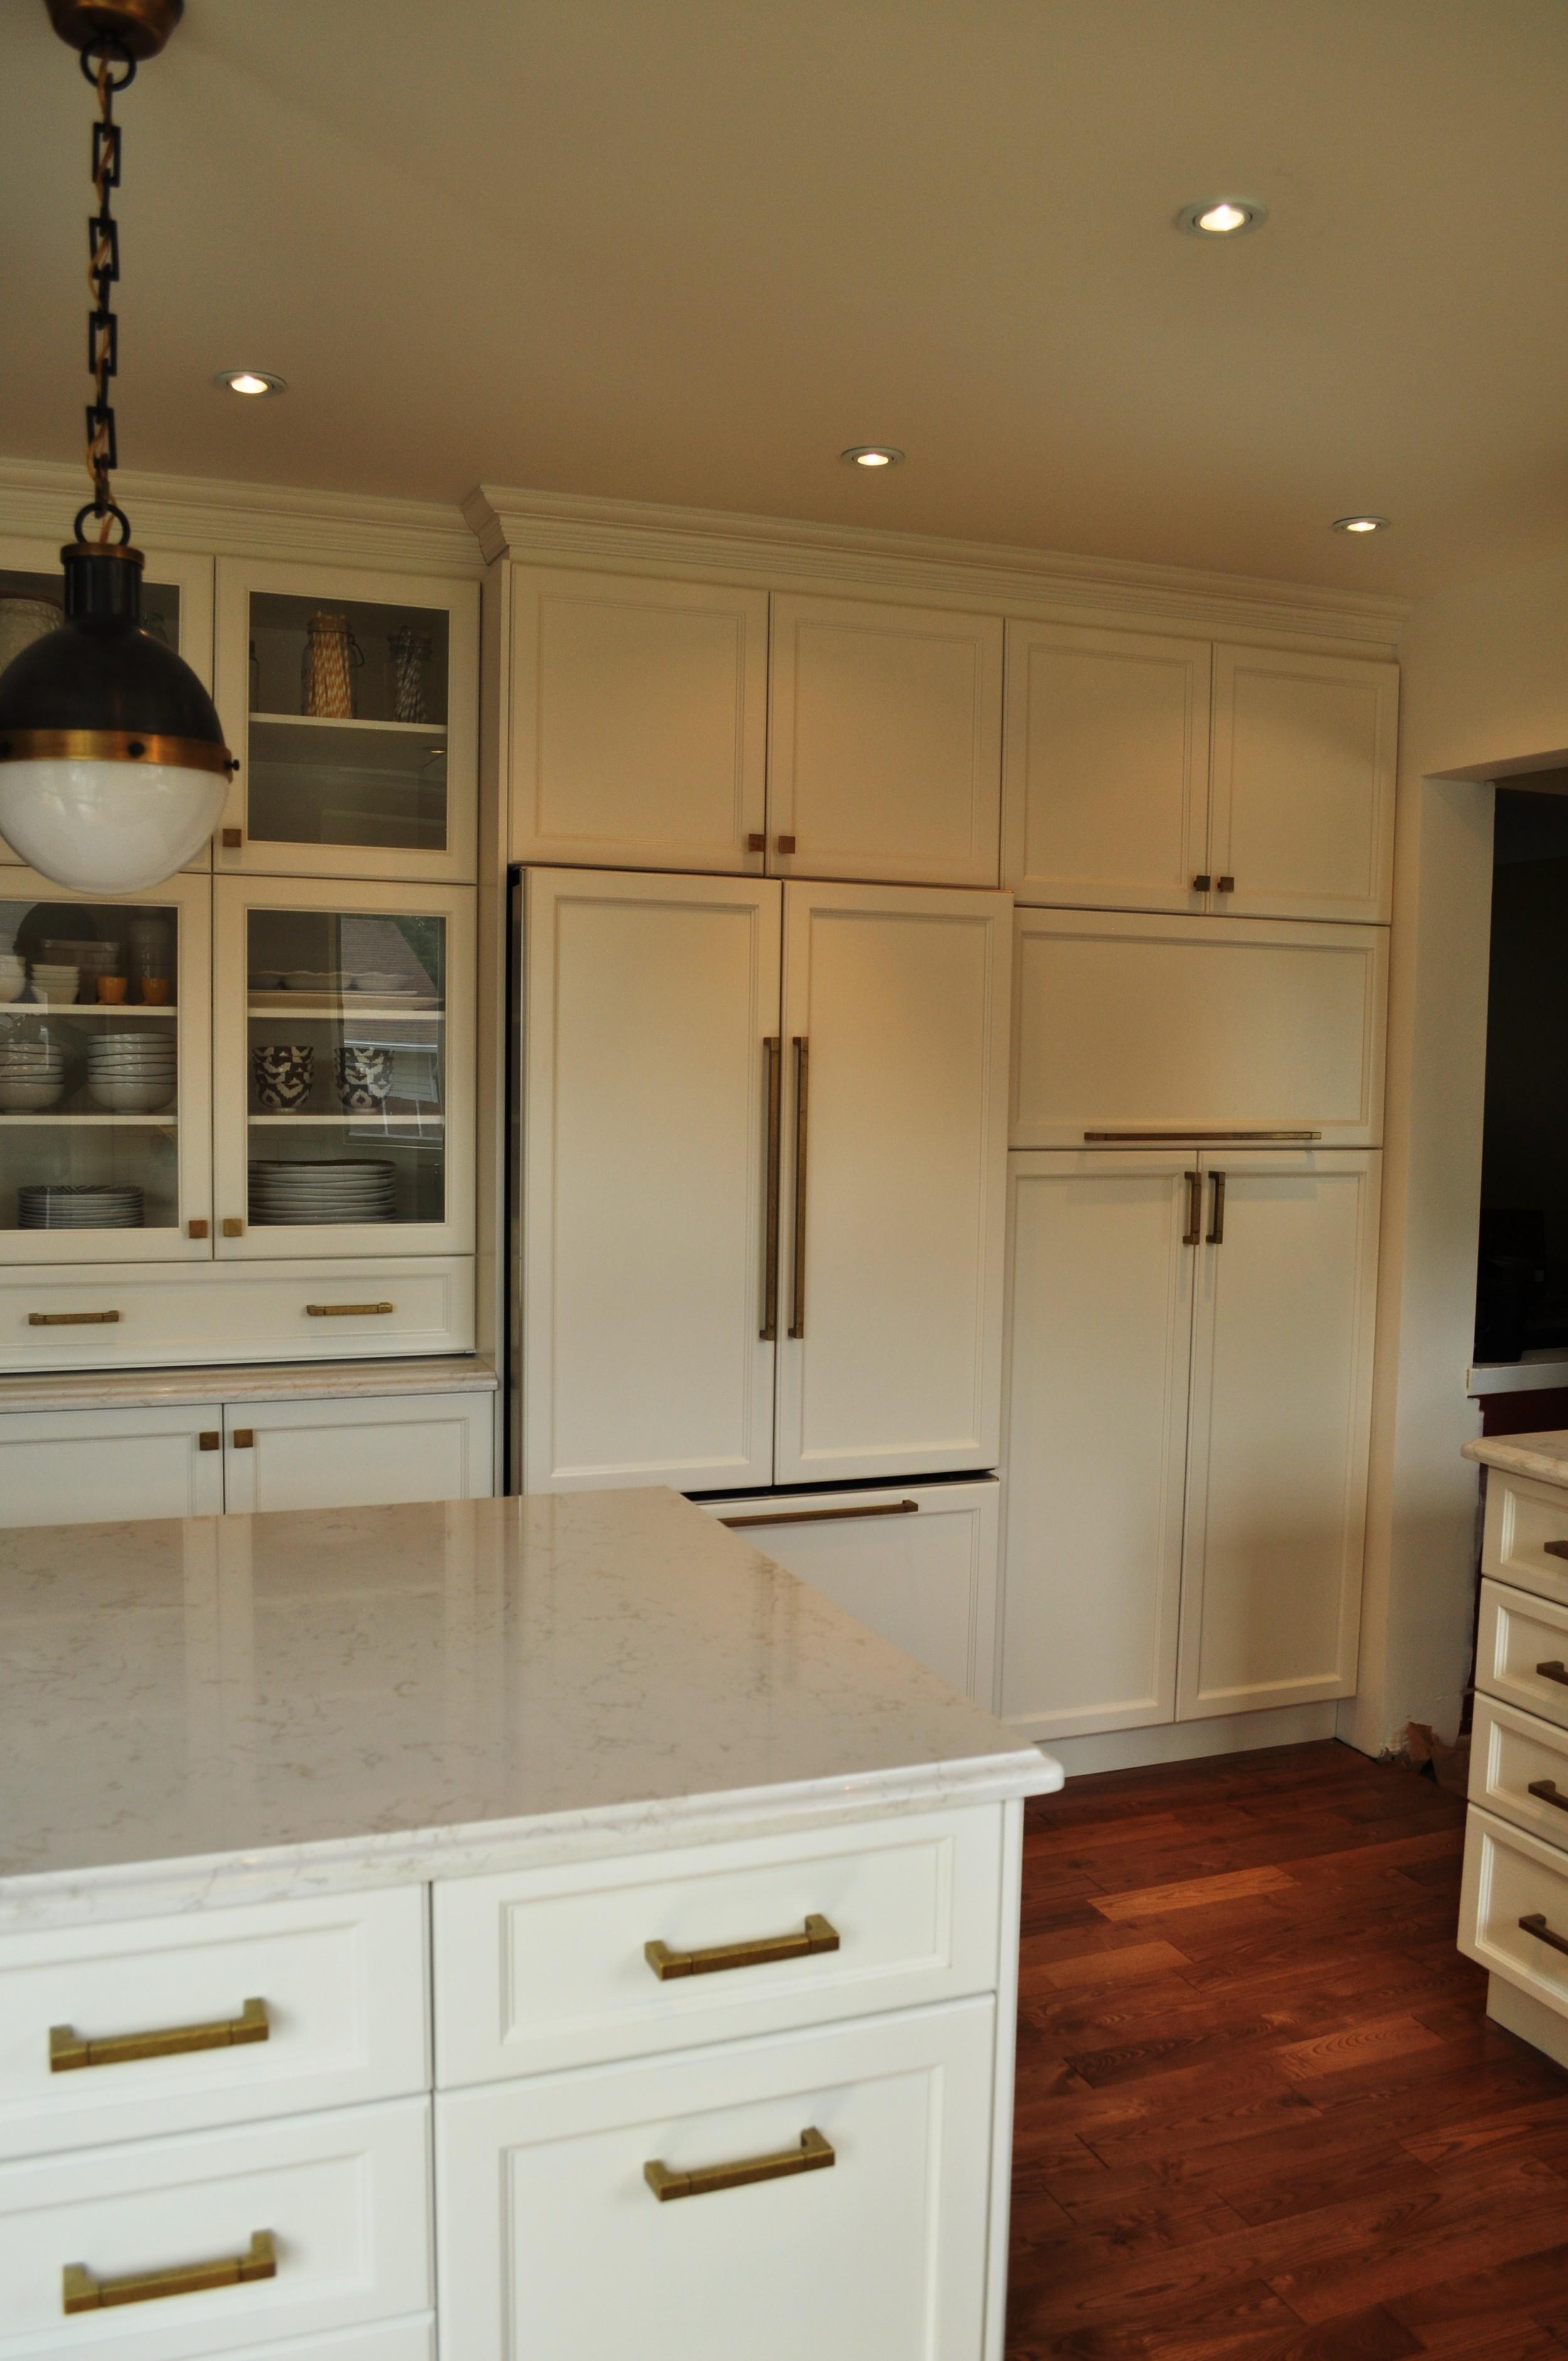 Velvet Toolbox Kitchen, view of Fridge